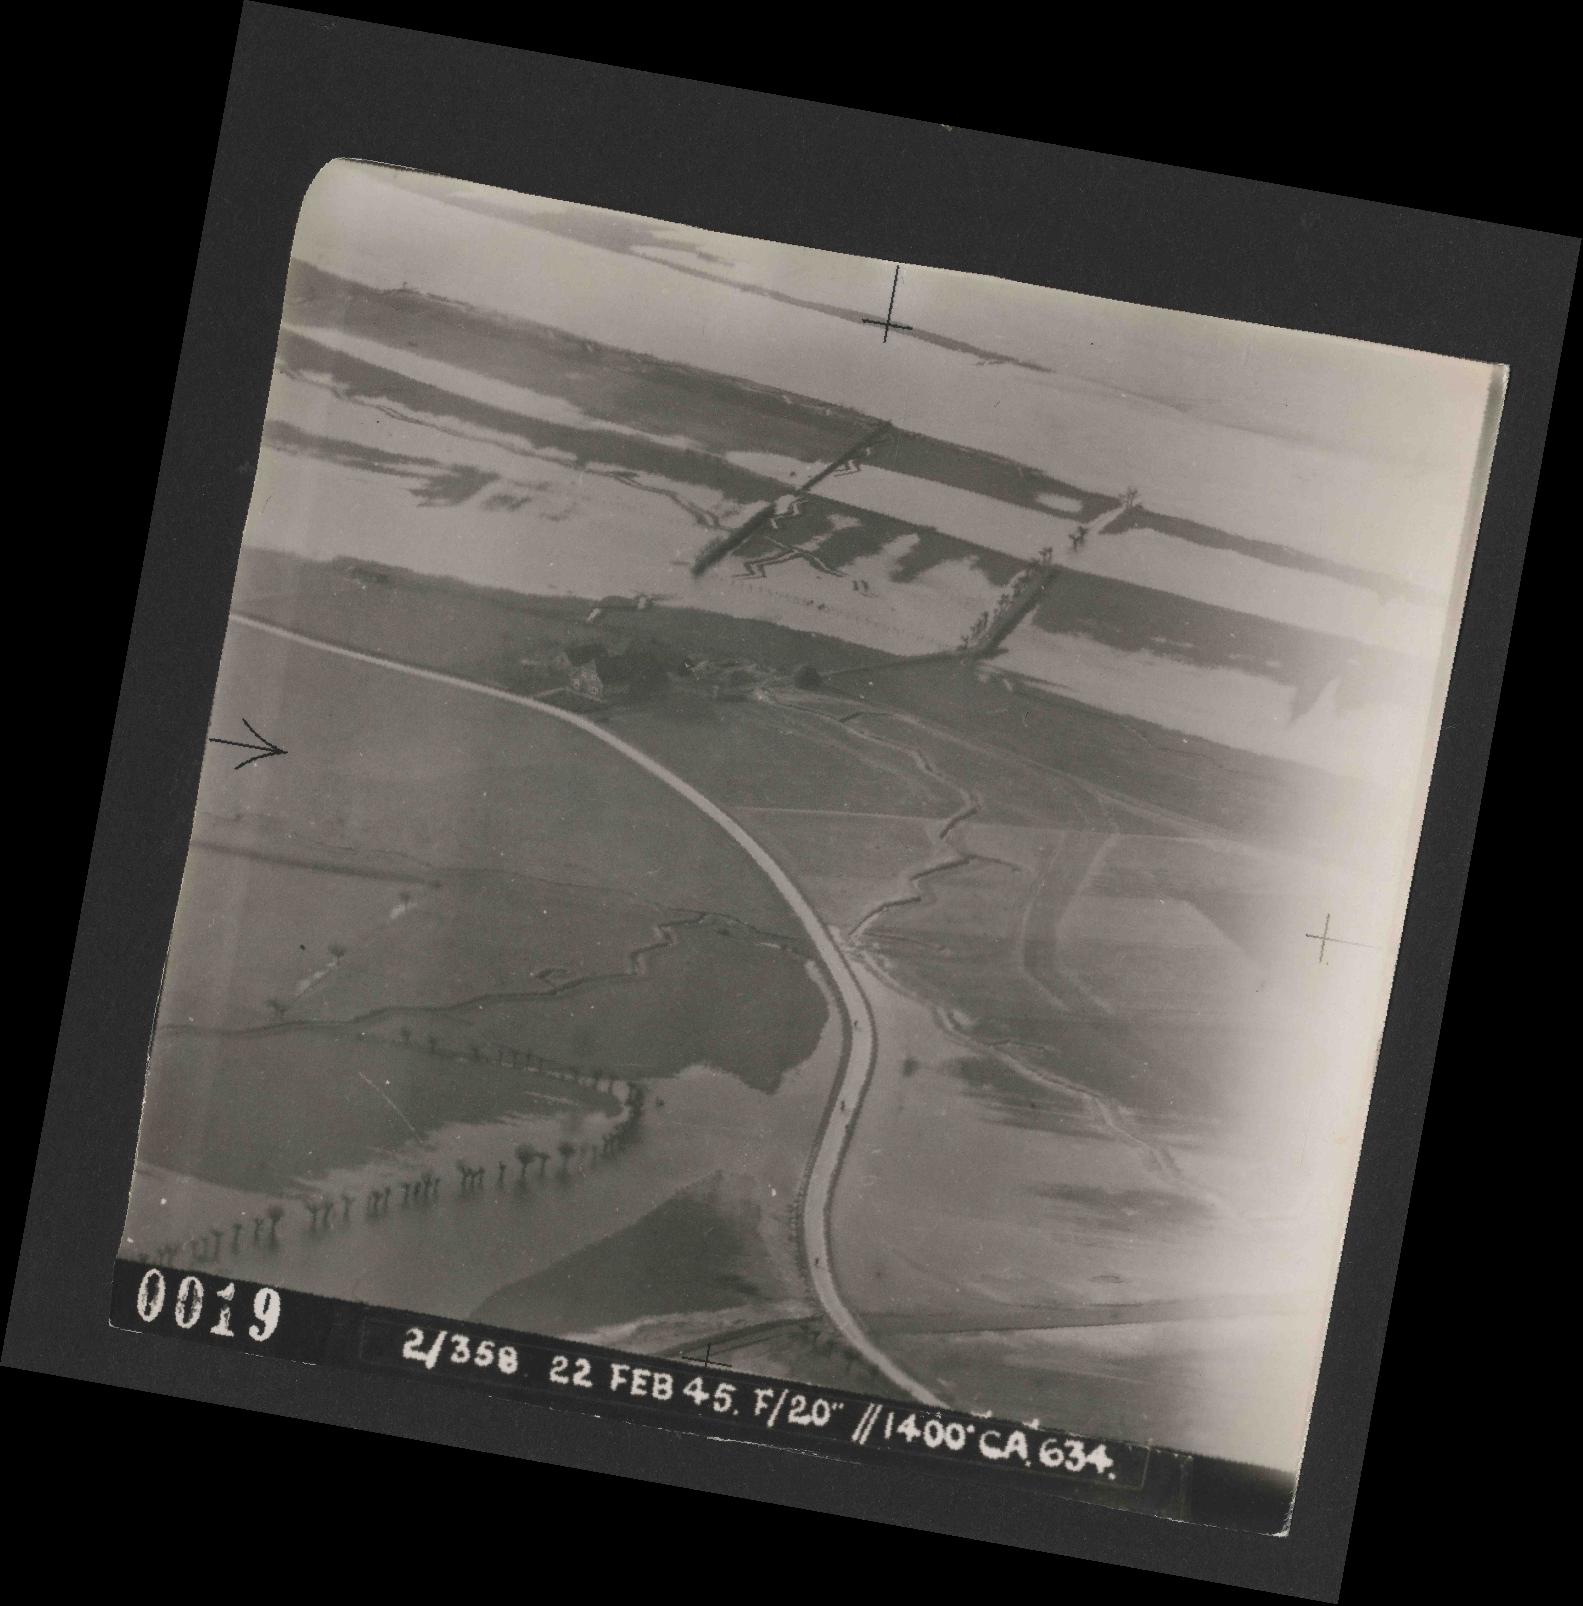 Collection RAF aerial photos 1940-1945 - flight 512, run 02, photo 0019